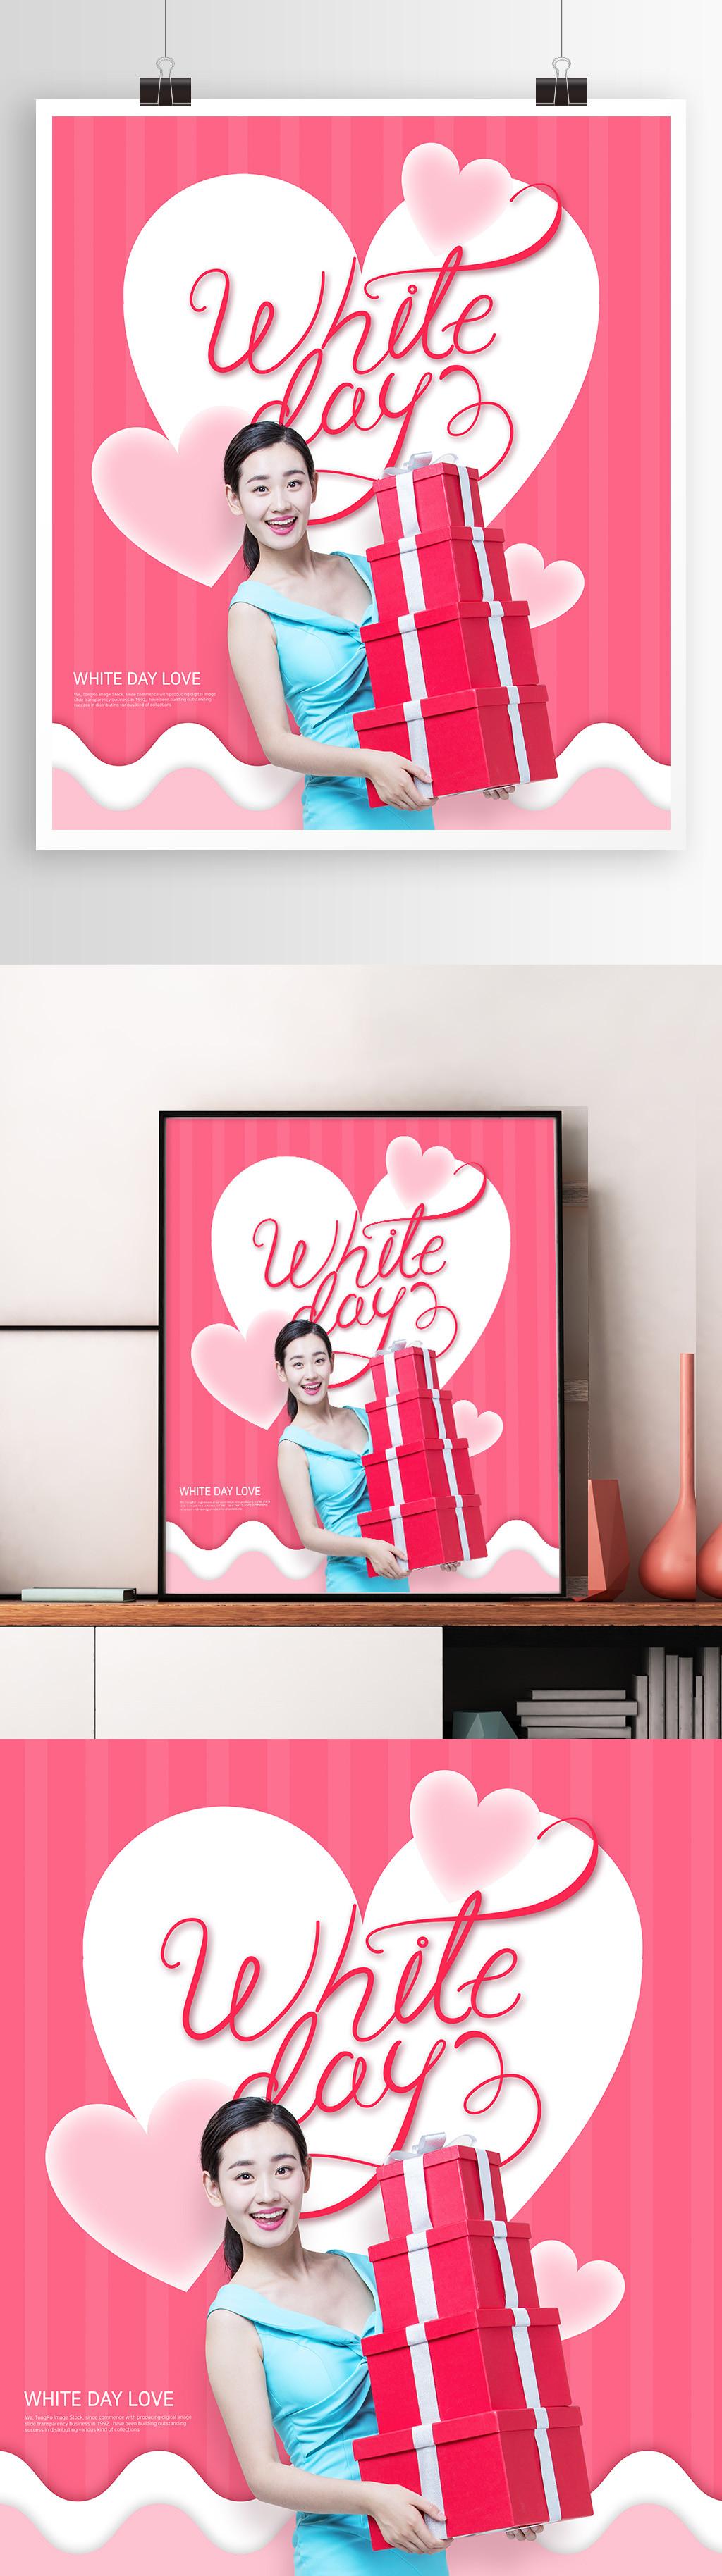 粉色时尚扁平化情人节海报Valentine's Day03